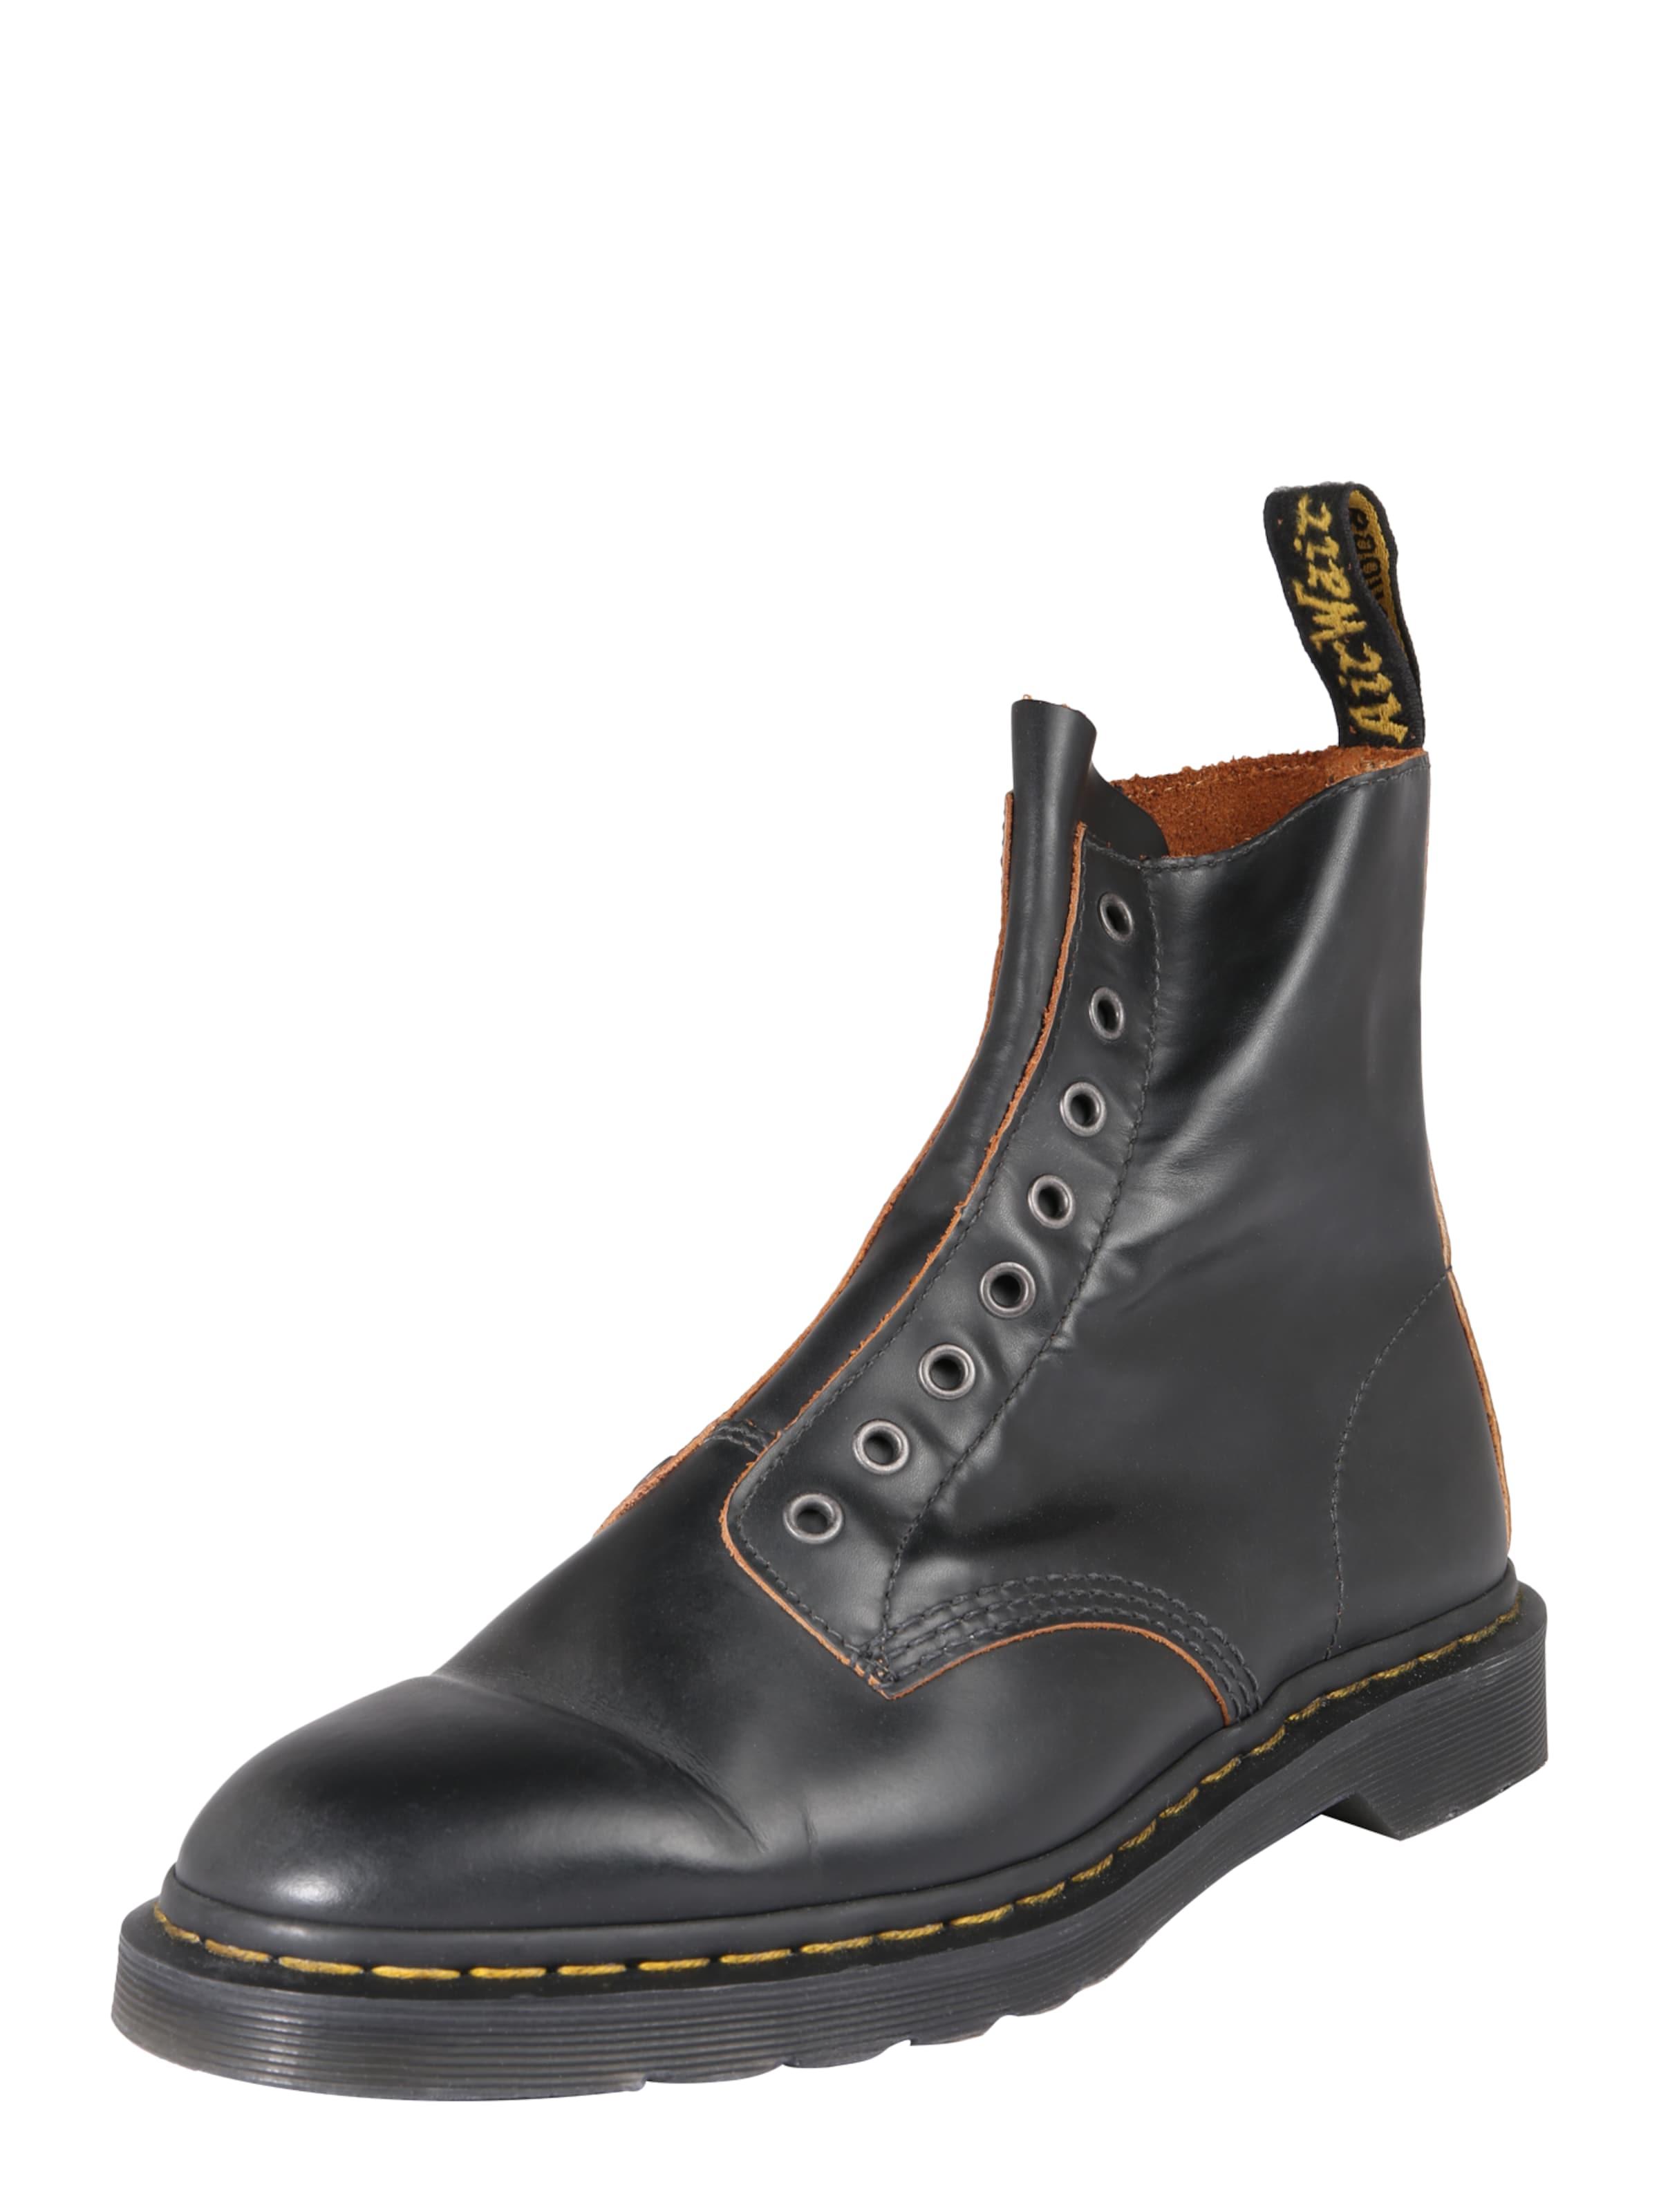 '8 En Laceless' 1460 Eye Noir Bottes Boot DrMartens 80OkXPwn